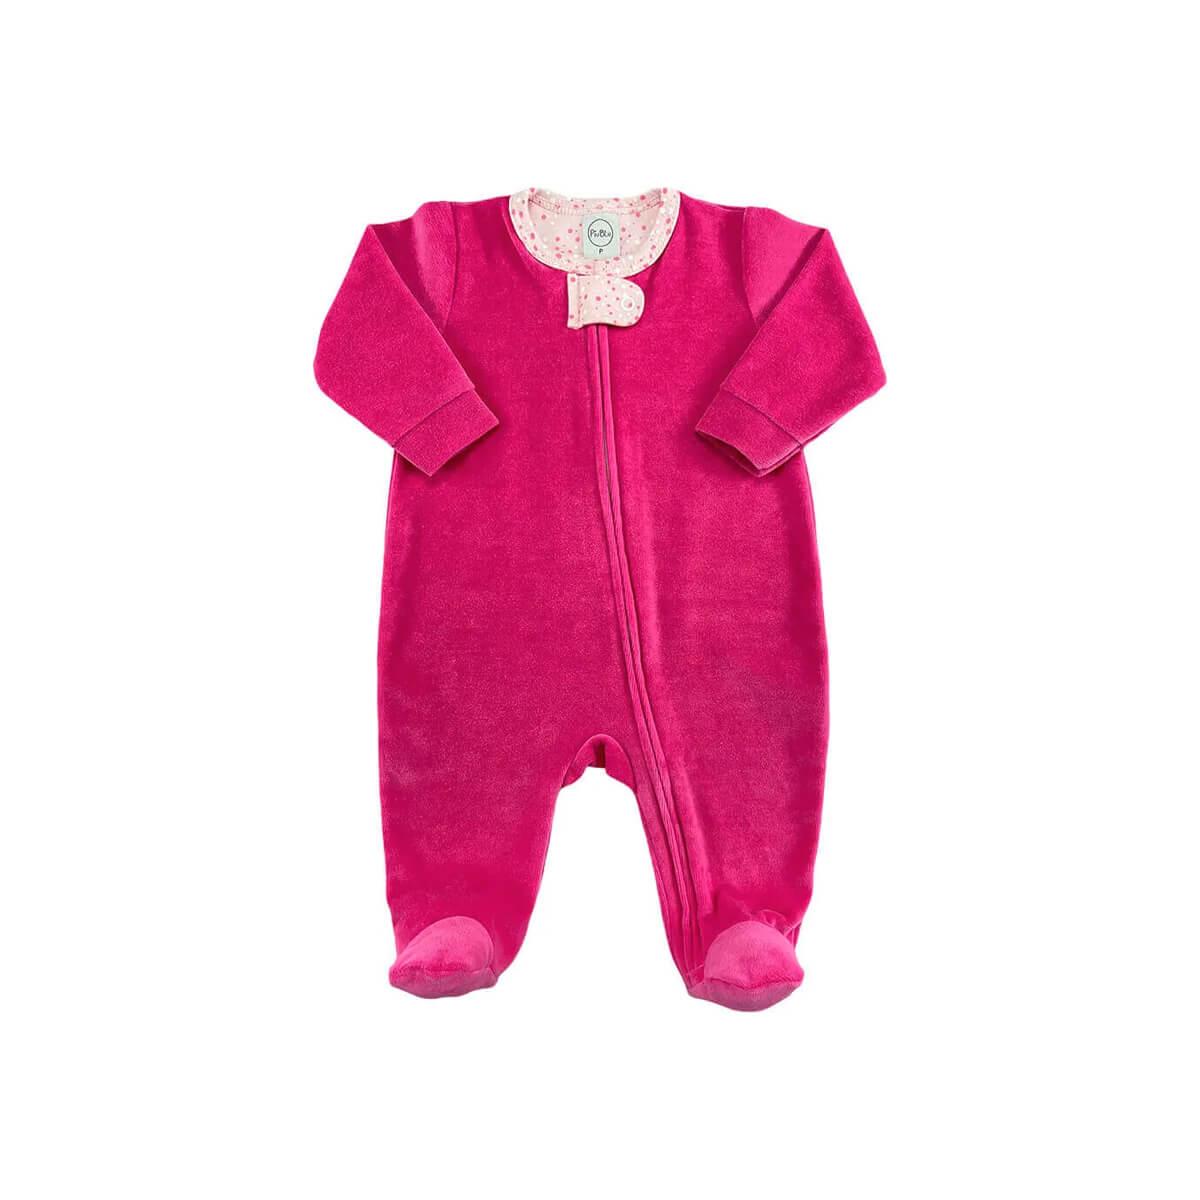 Macacão Plush Zíper Pink Bolinhas Branco e Chiclete - Tamanhos RN e P com pezinho; M, G e XG sem pezinho